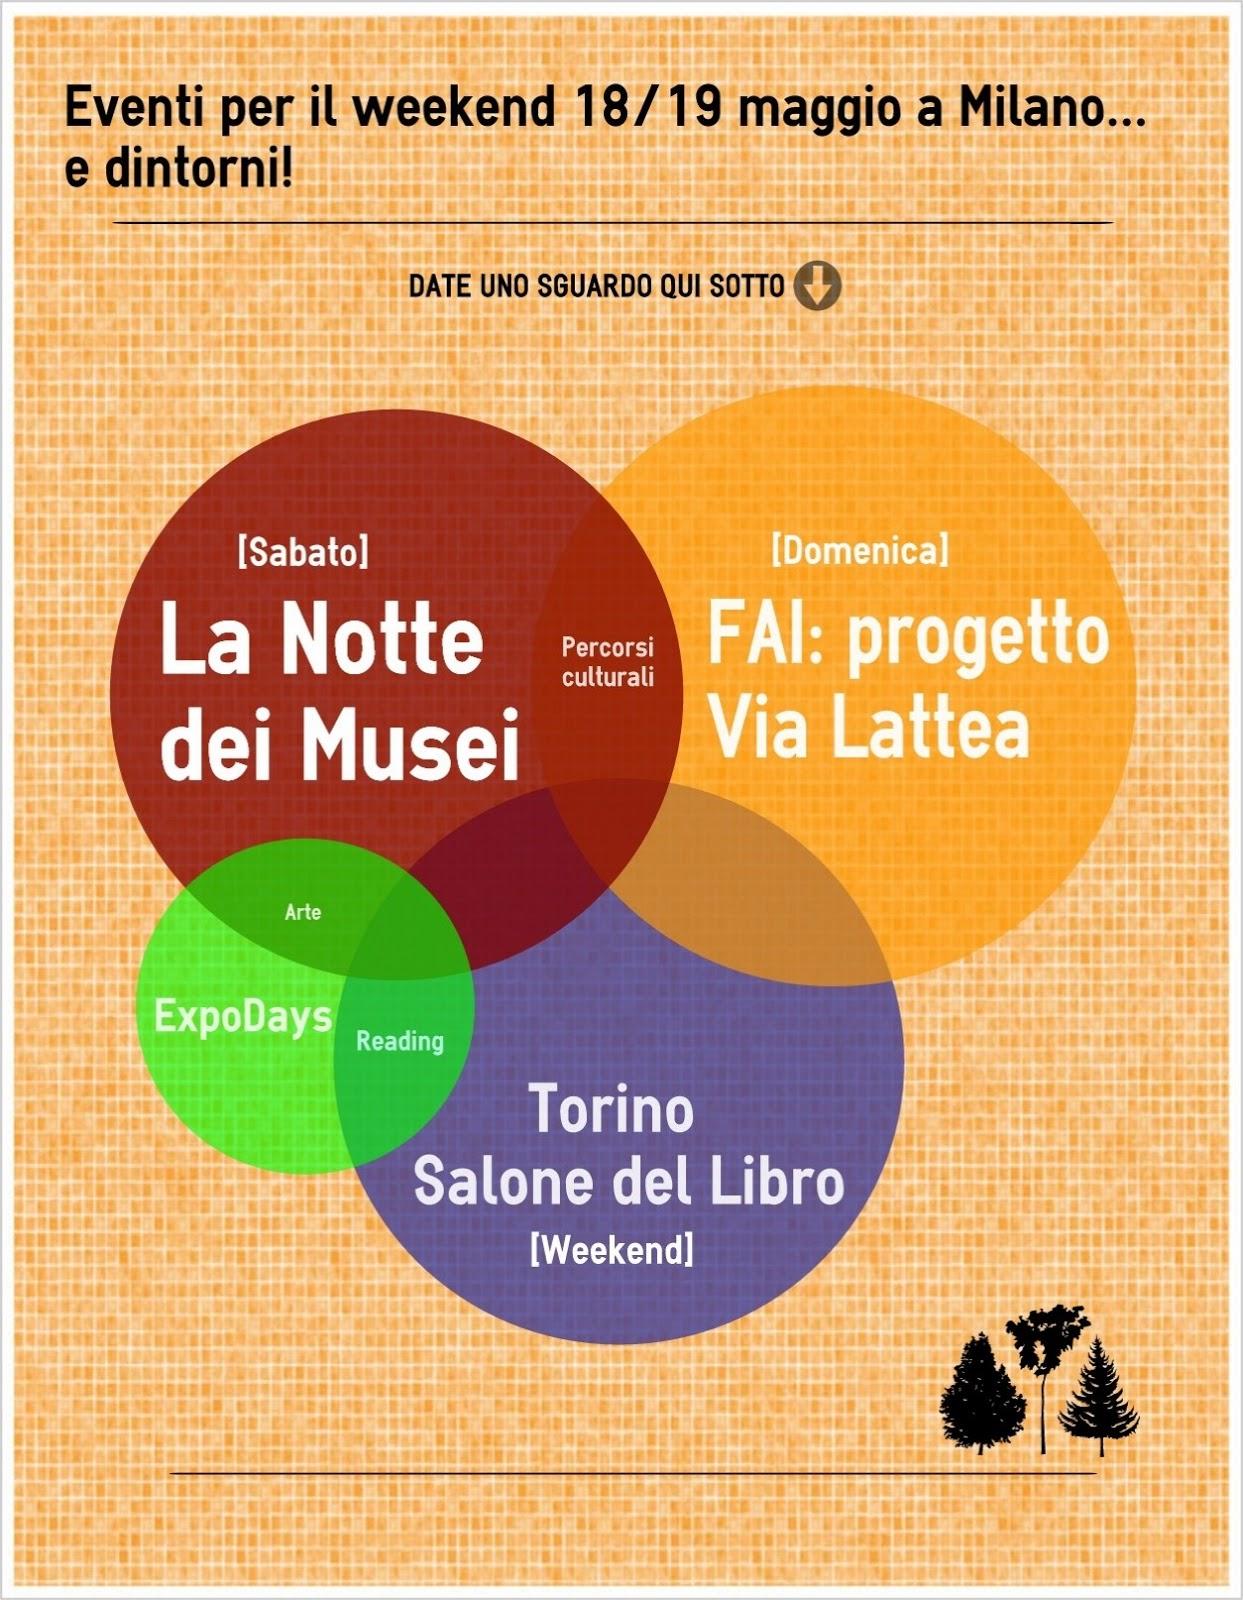 Weekend 18 e 19 maggio a Milano infografica Eventi